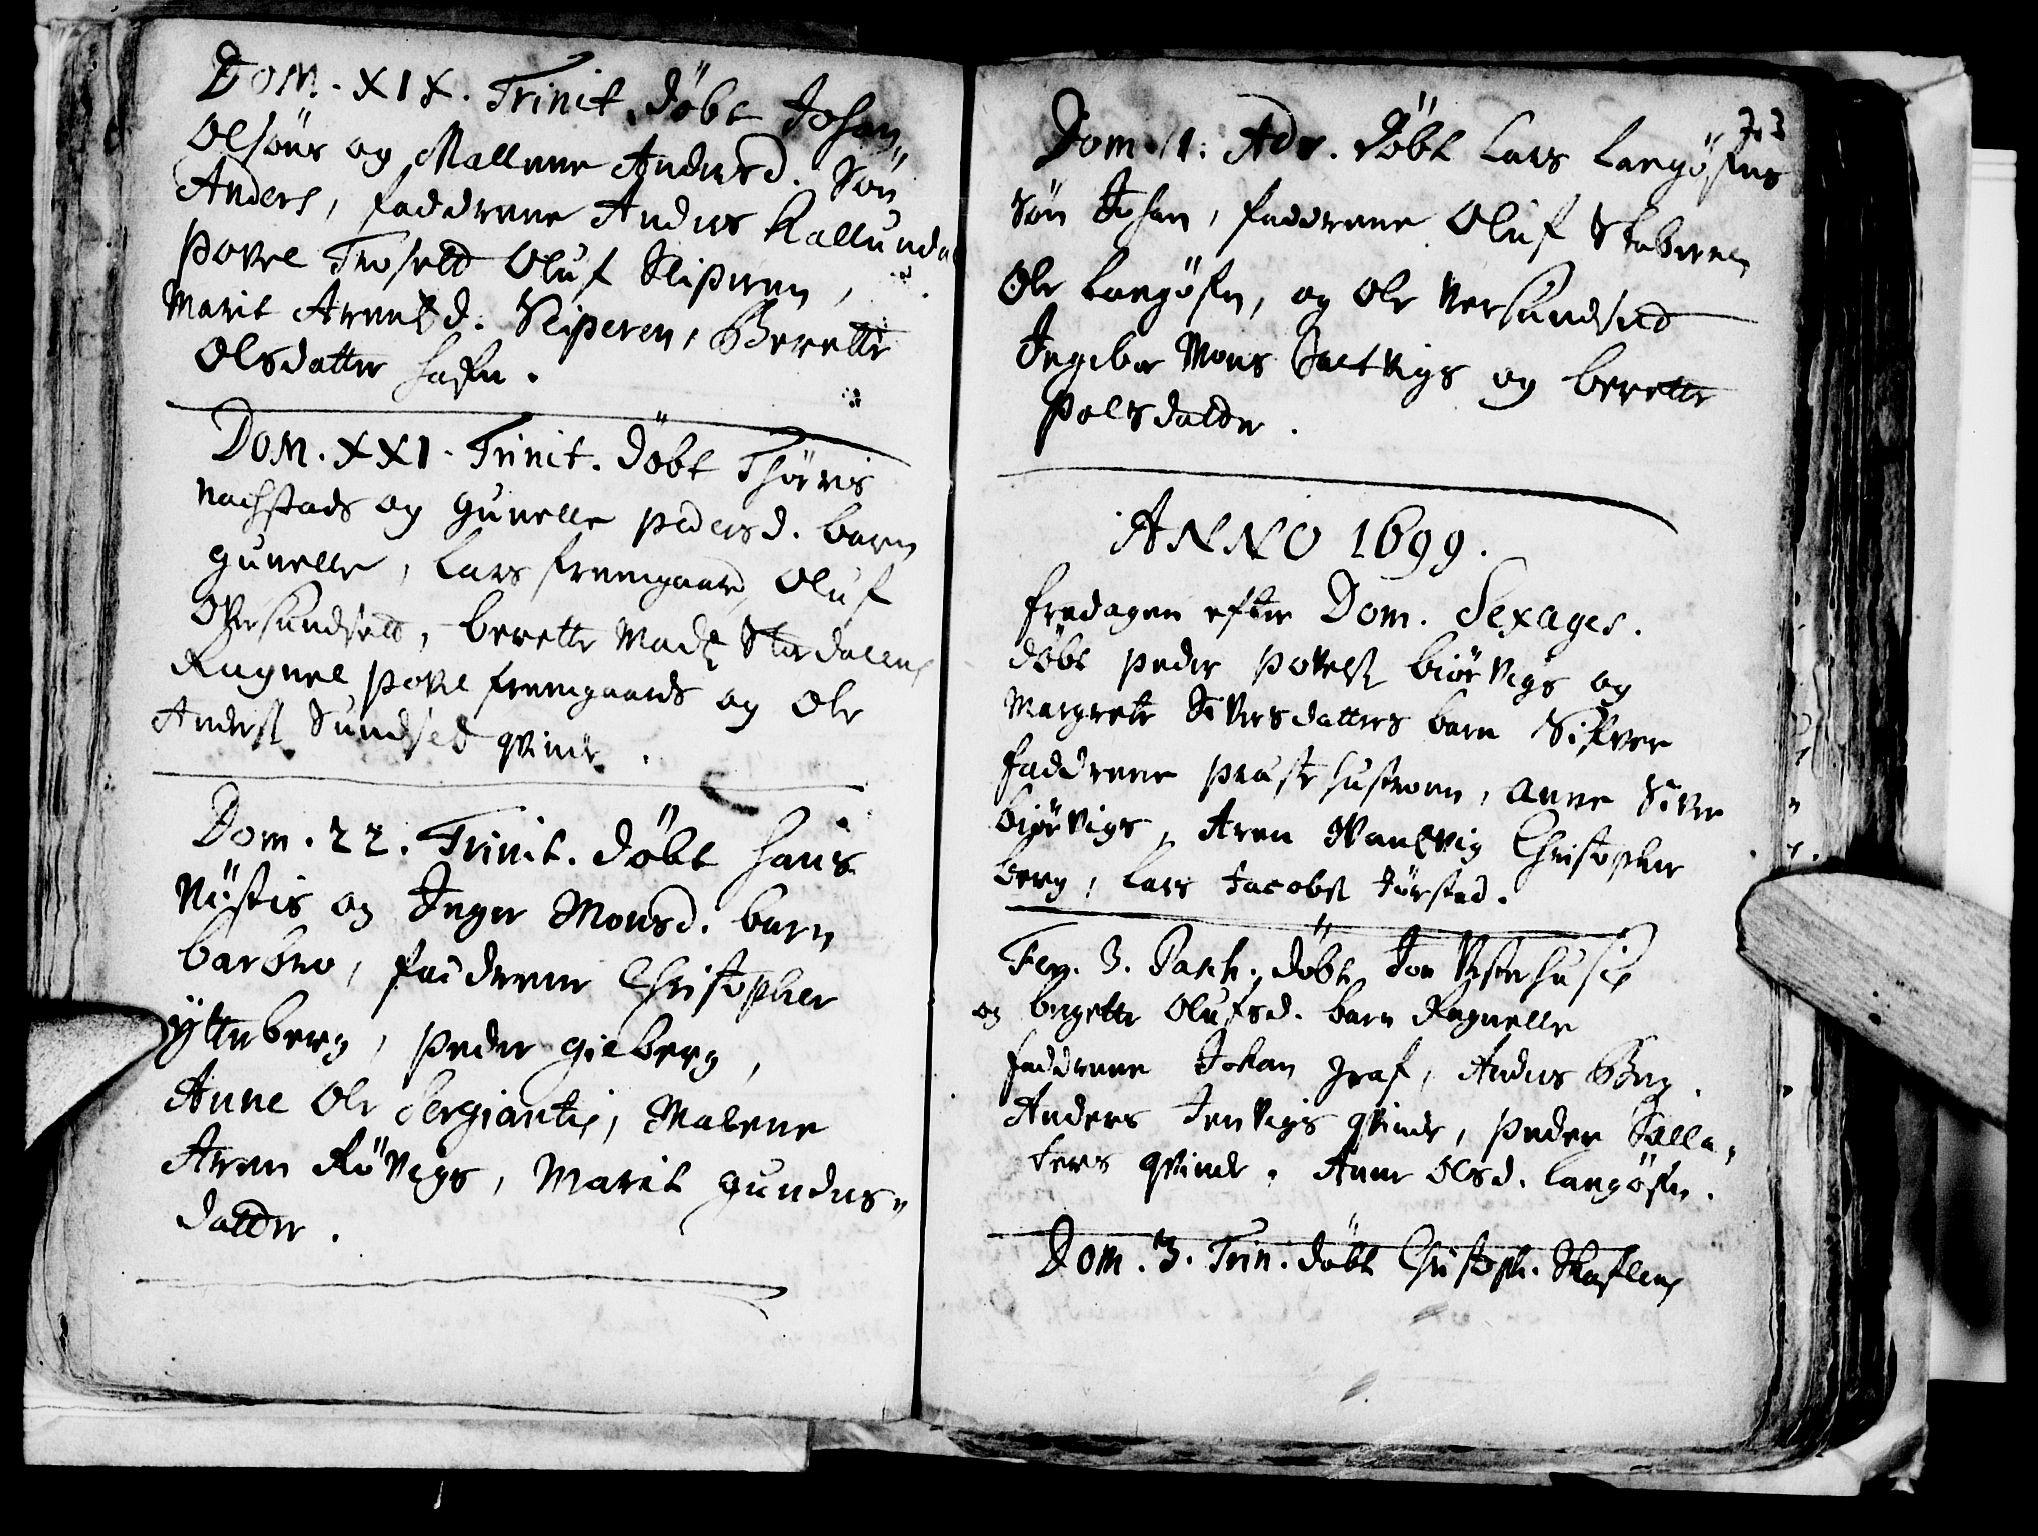 SAT, Ministerialprotokoller, klokkerbøker og fødselsregistre - Nord-Trøndelag, 722/L0214: Ministerialbok nr. 722A01, 1692-1718, s. 23